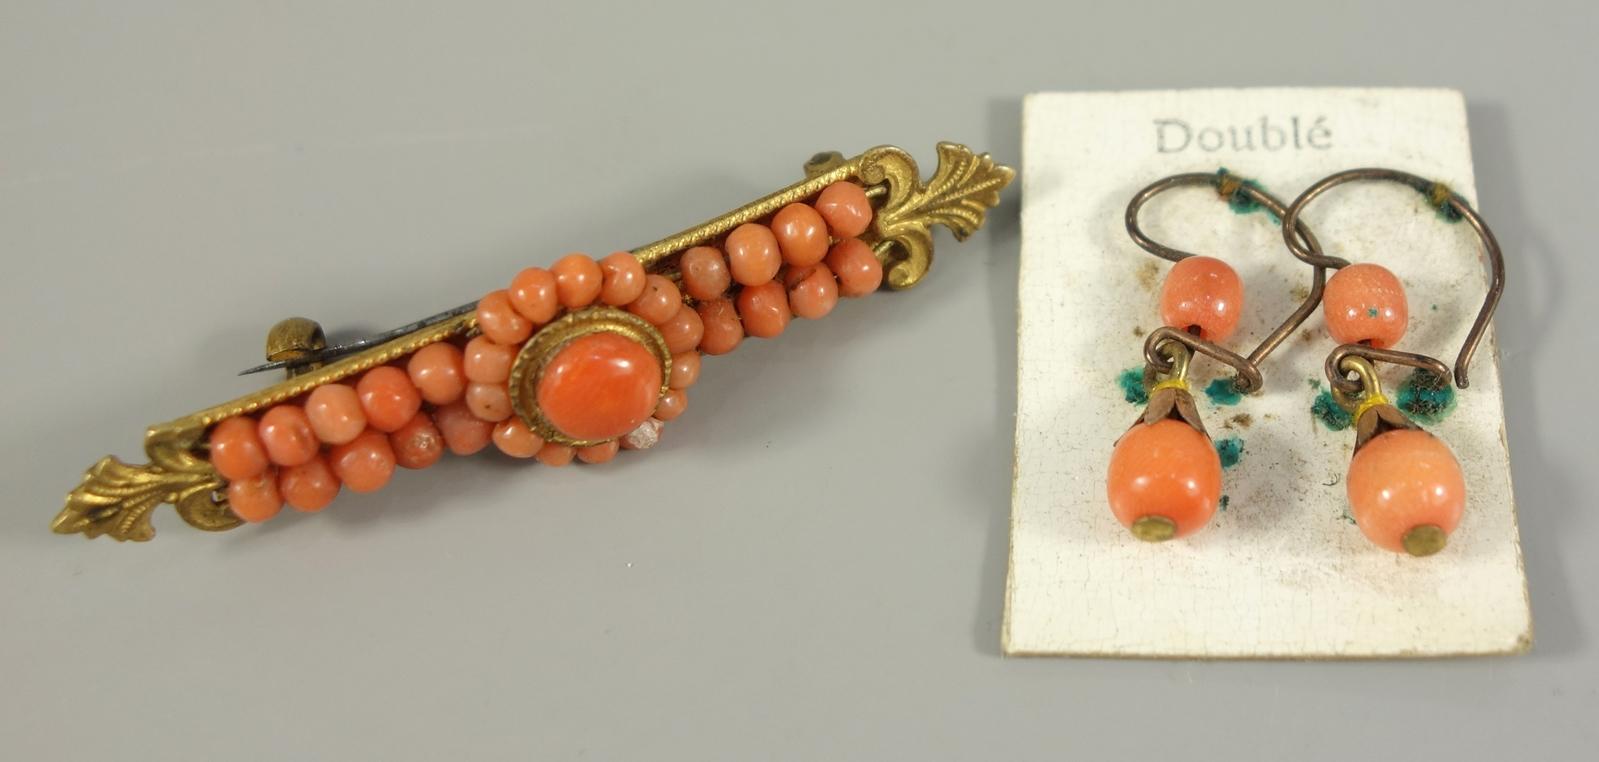 Brosche und ein Paar Ohrhänger mit Koralle, um 1920, Doublé, Brosche mit kleinen, lachsroten